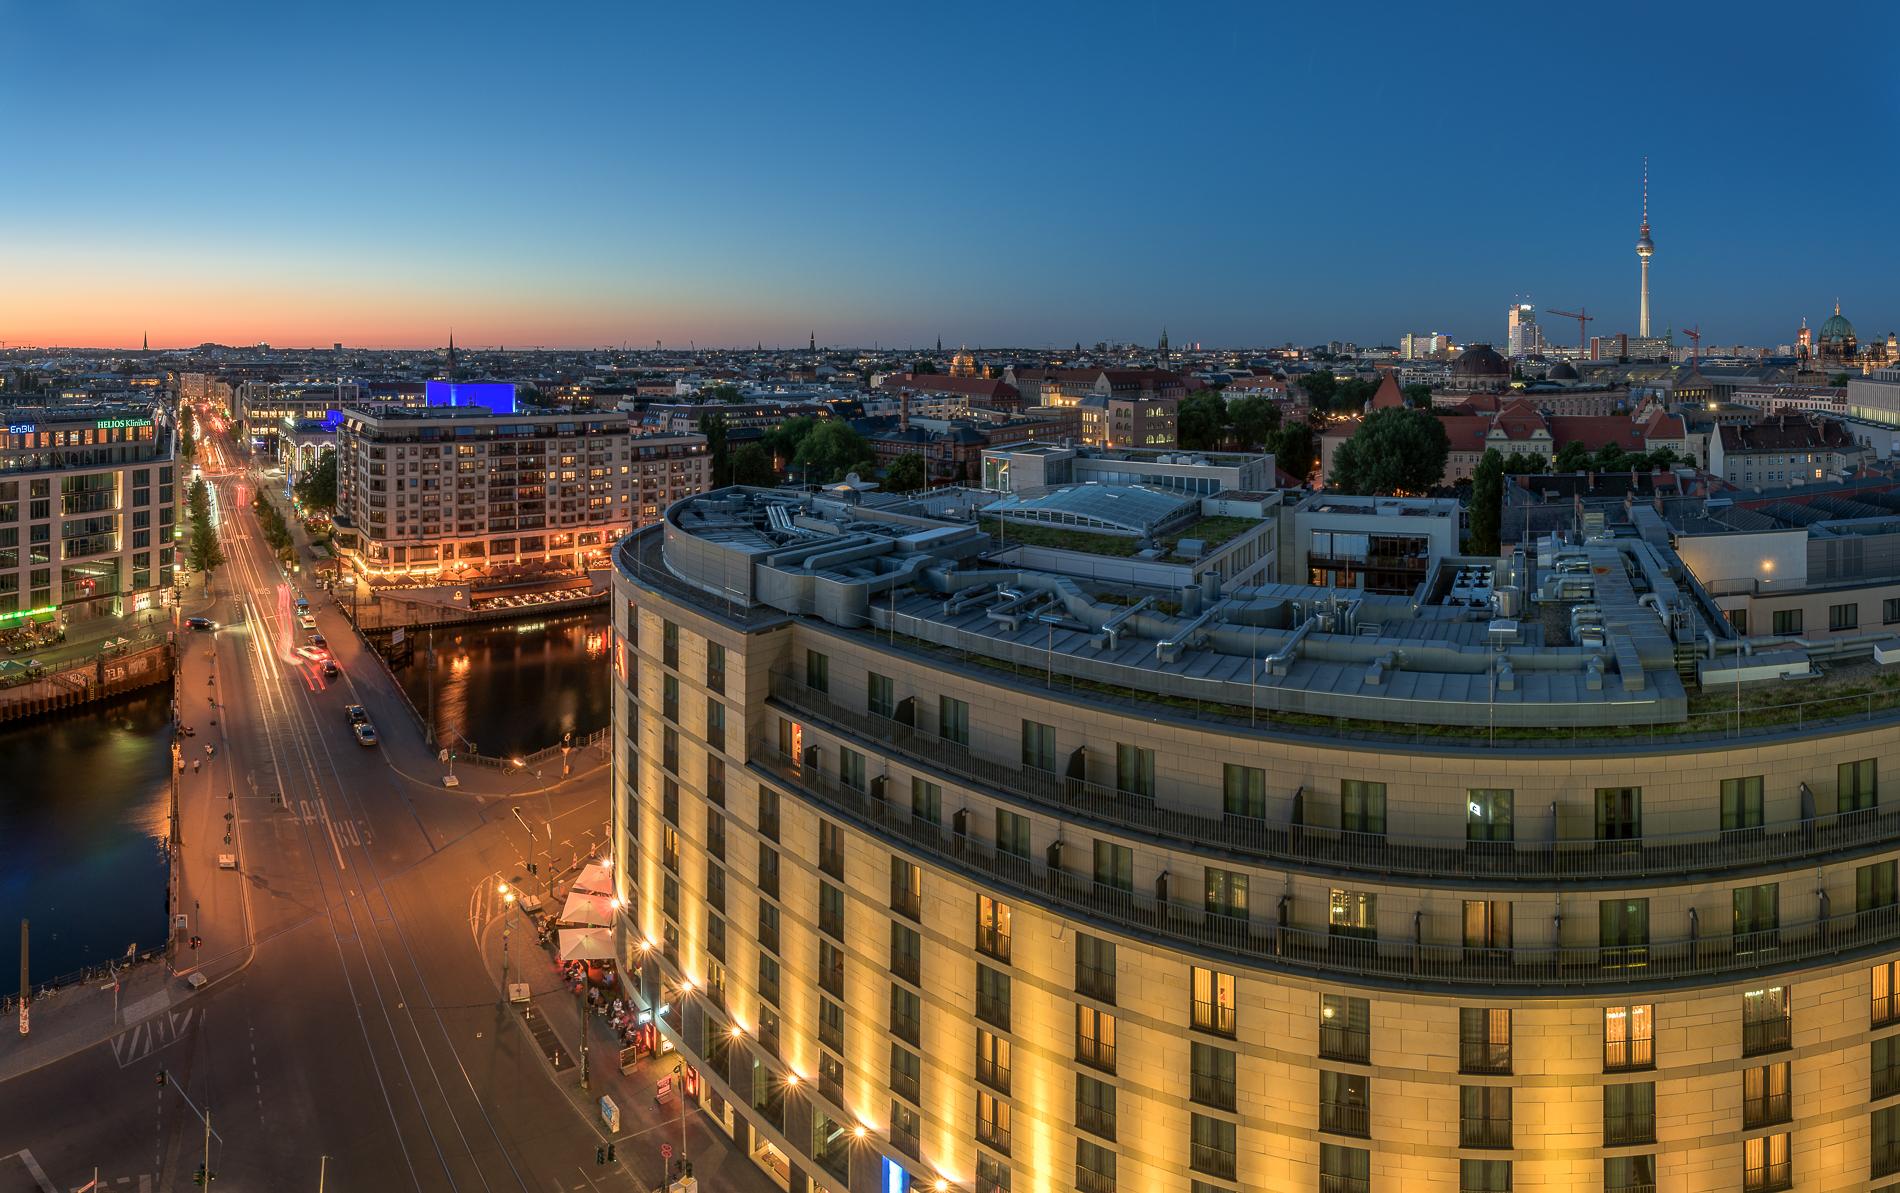 Die Skyline Berlins zur blauen Stunde kurz nach Sonnenuntergang mit blick auf Schiffbauerdamm und Friedrichstraße.